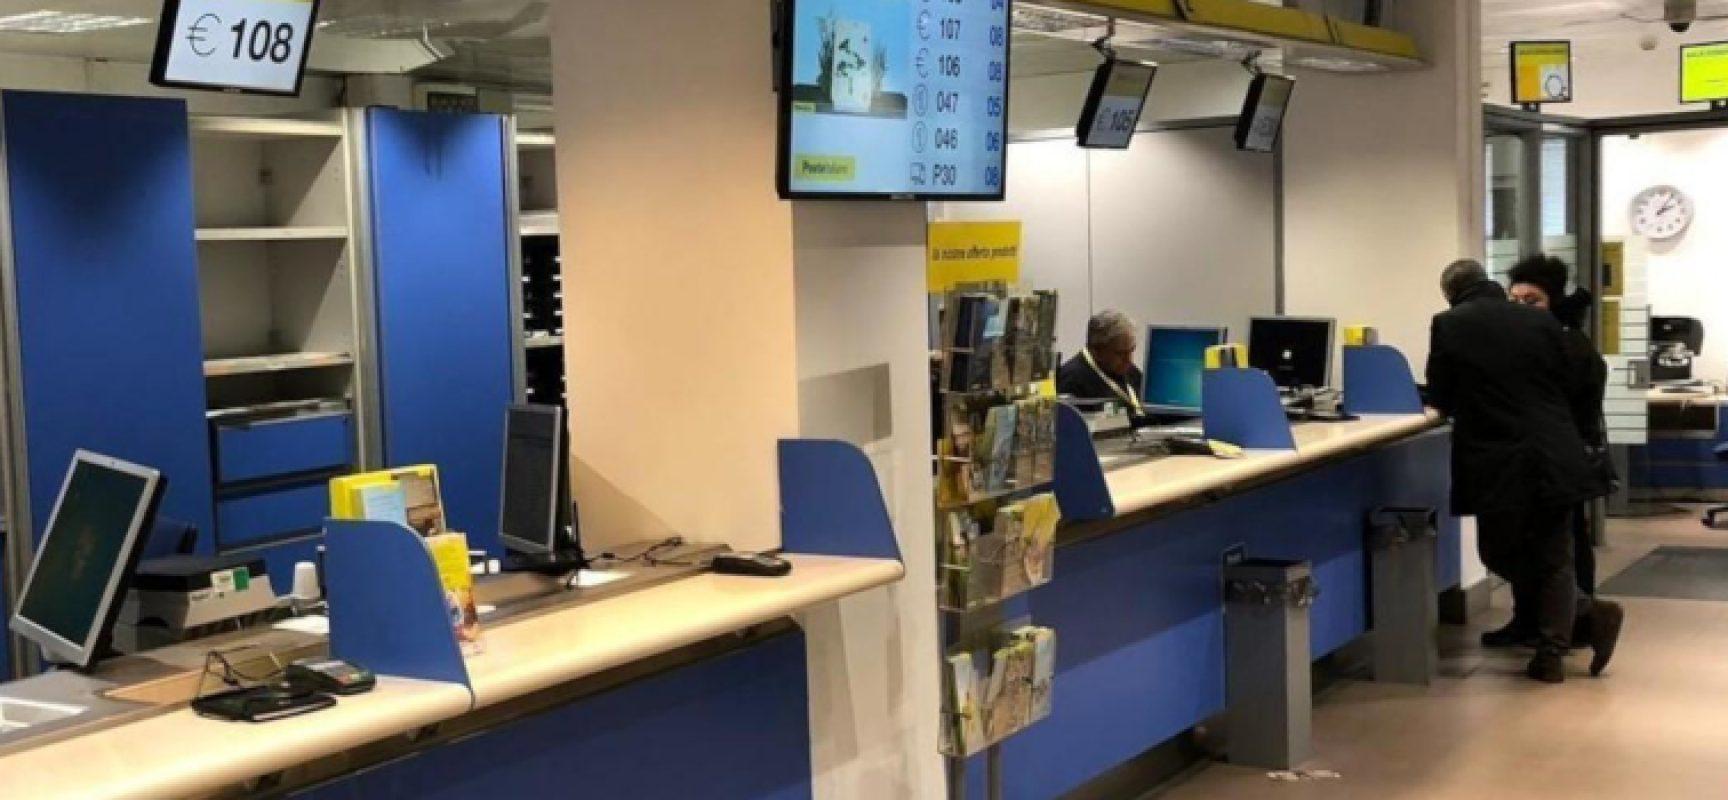 Cassa integrazione, siglato protocollo d'intesa tra Regione Puglia e Poste Italiane